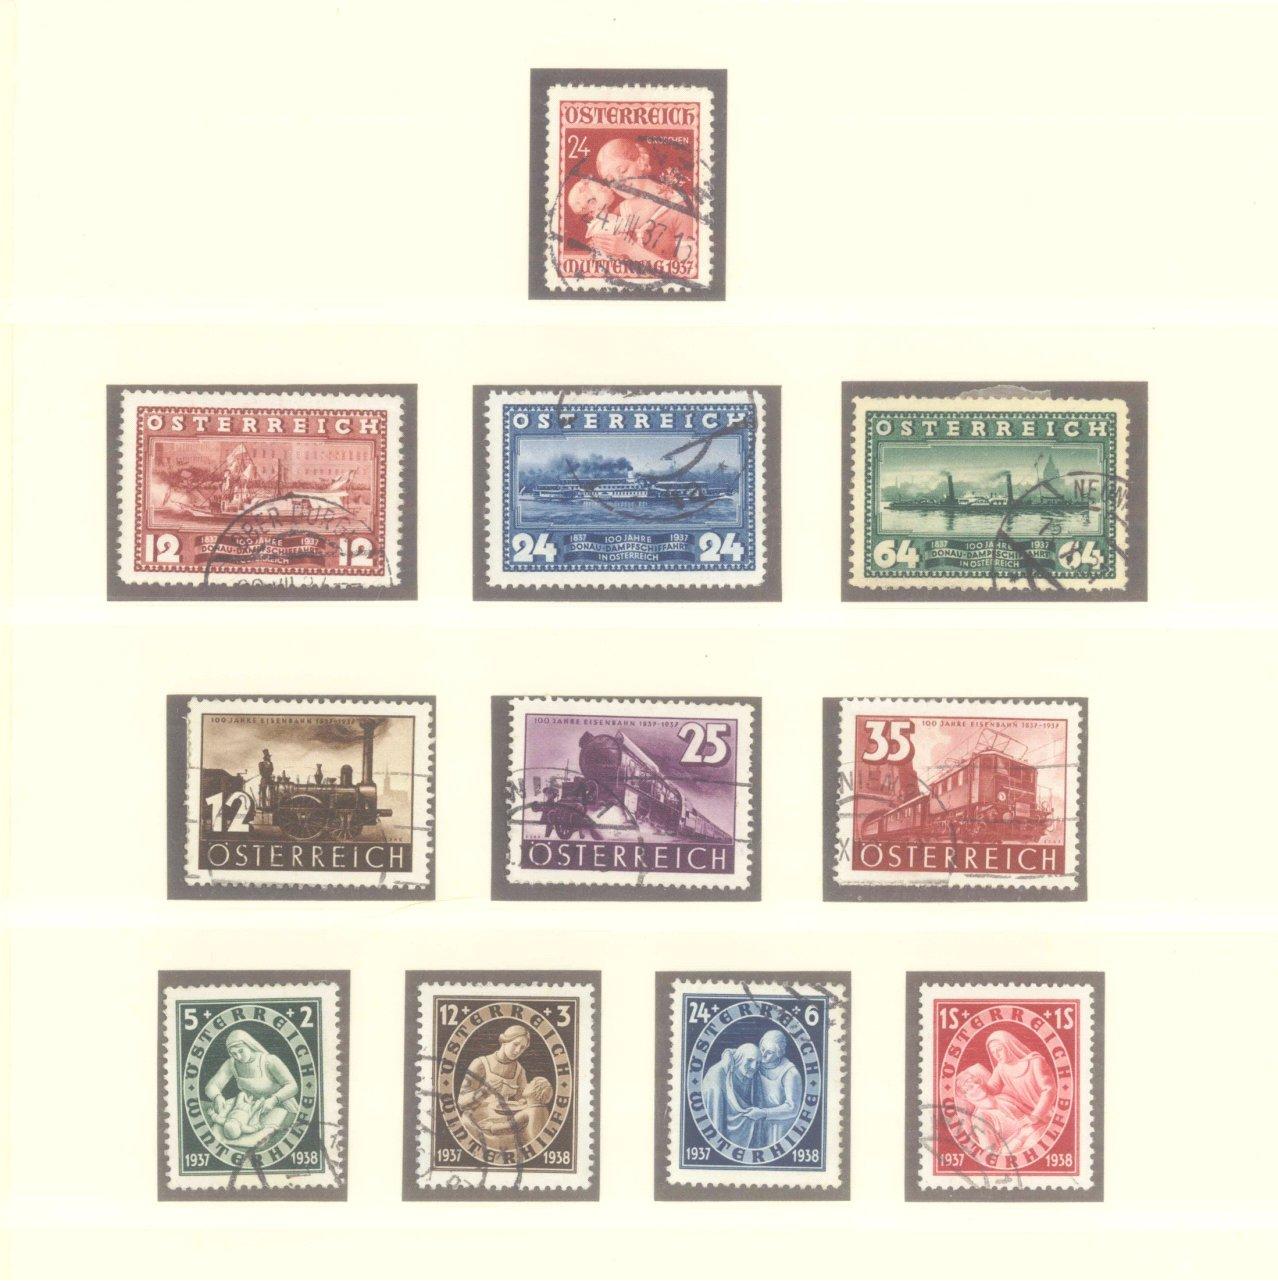 ÖSTERREICH 1925-1937-7